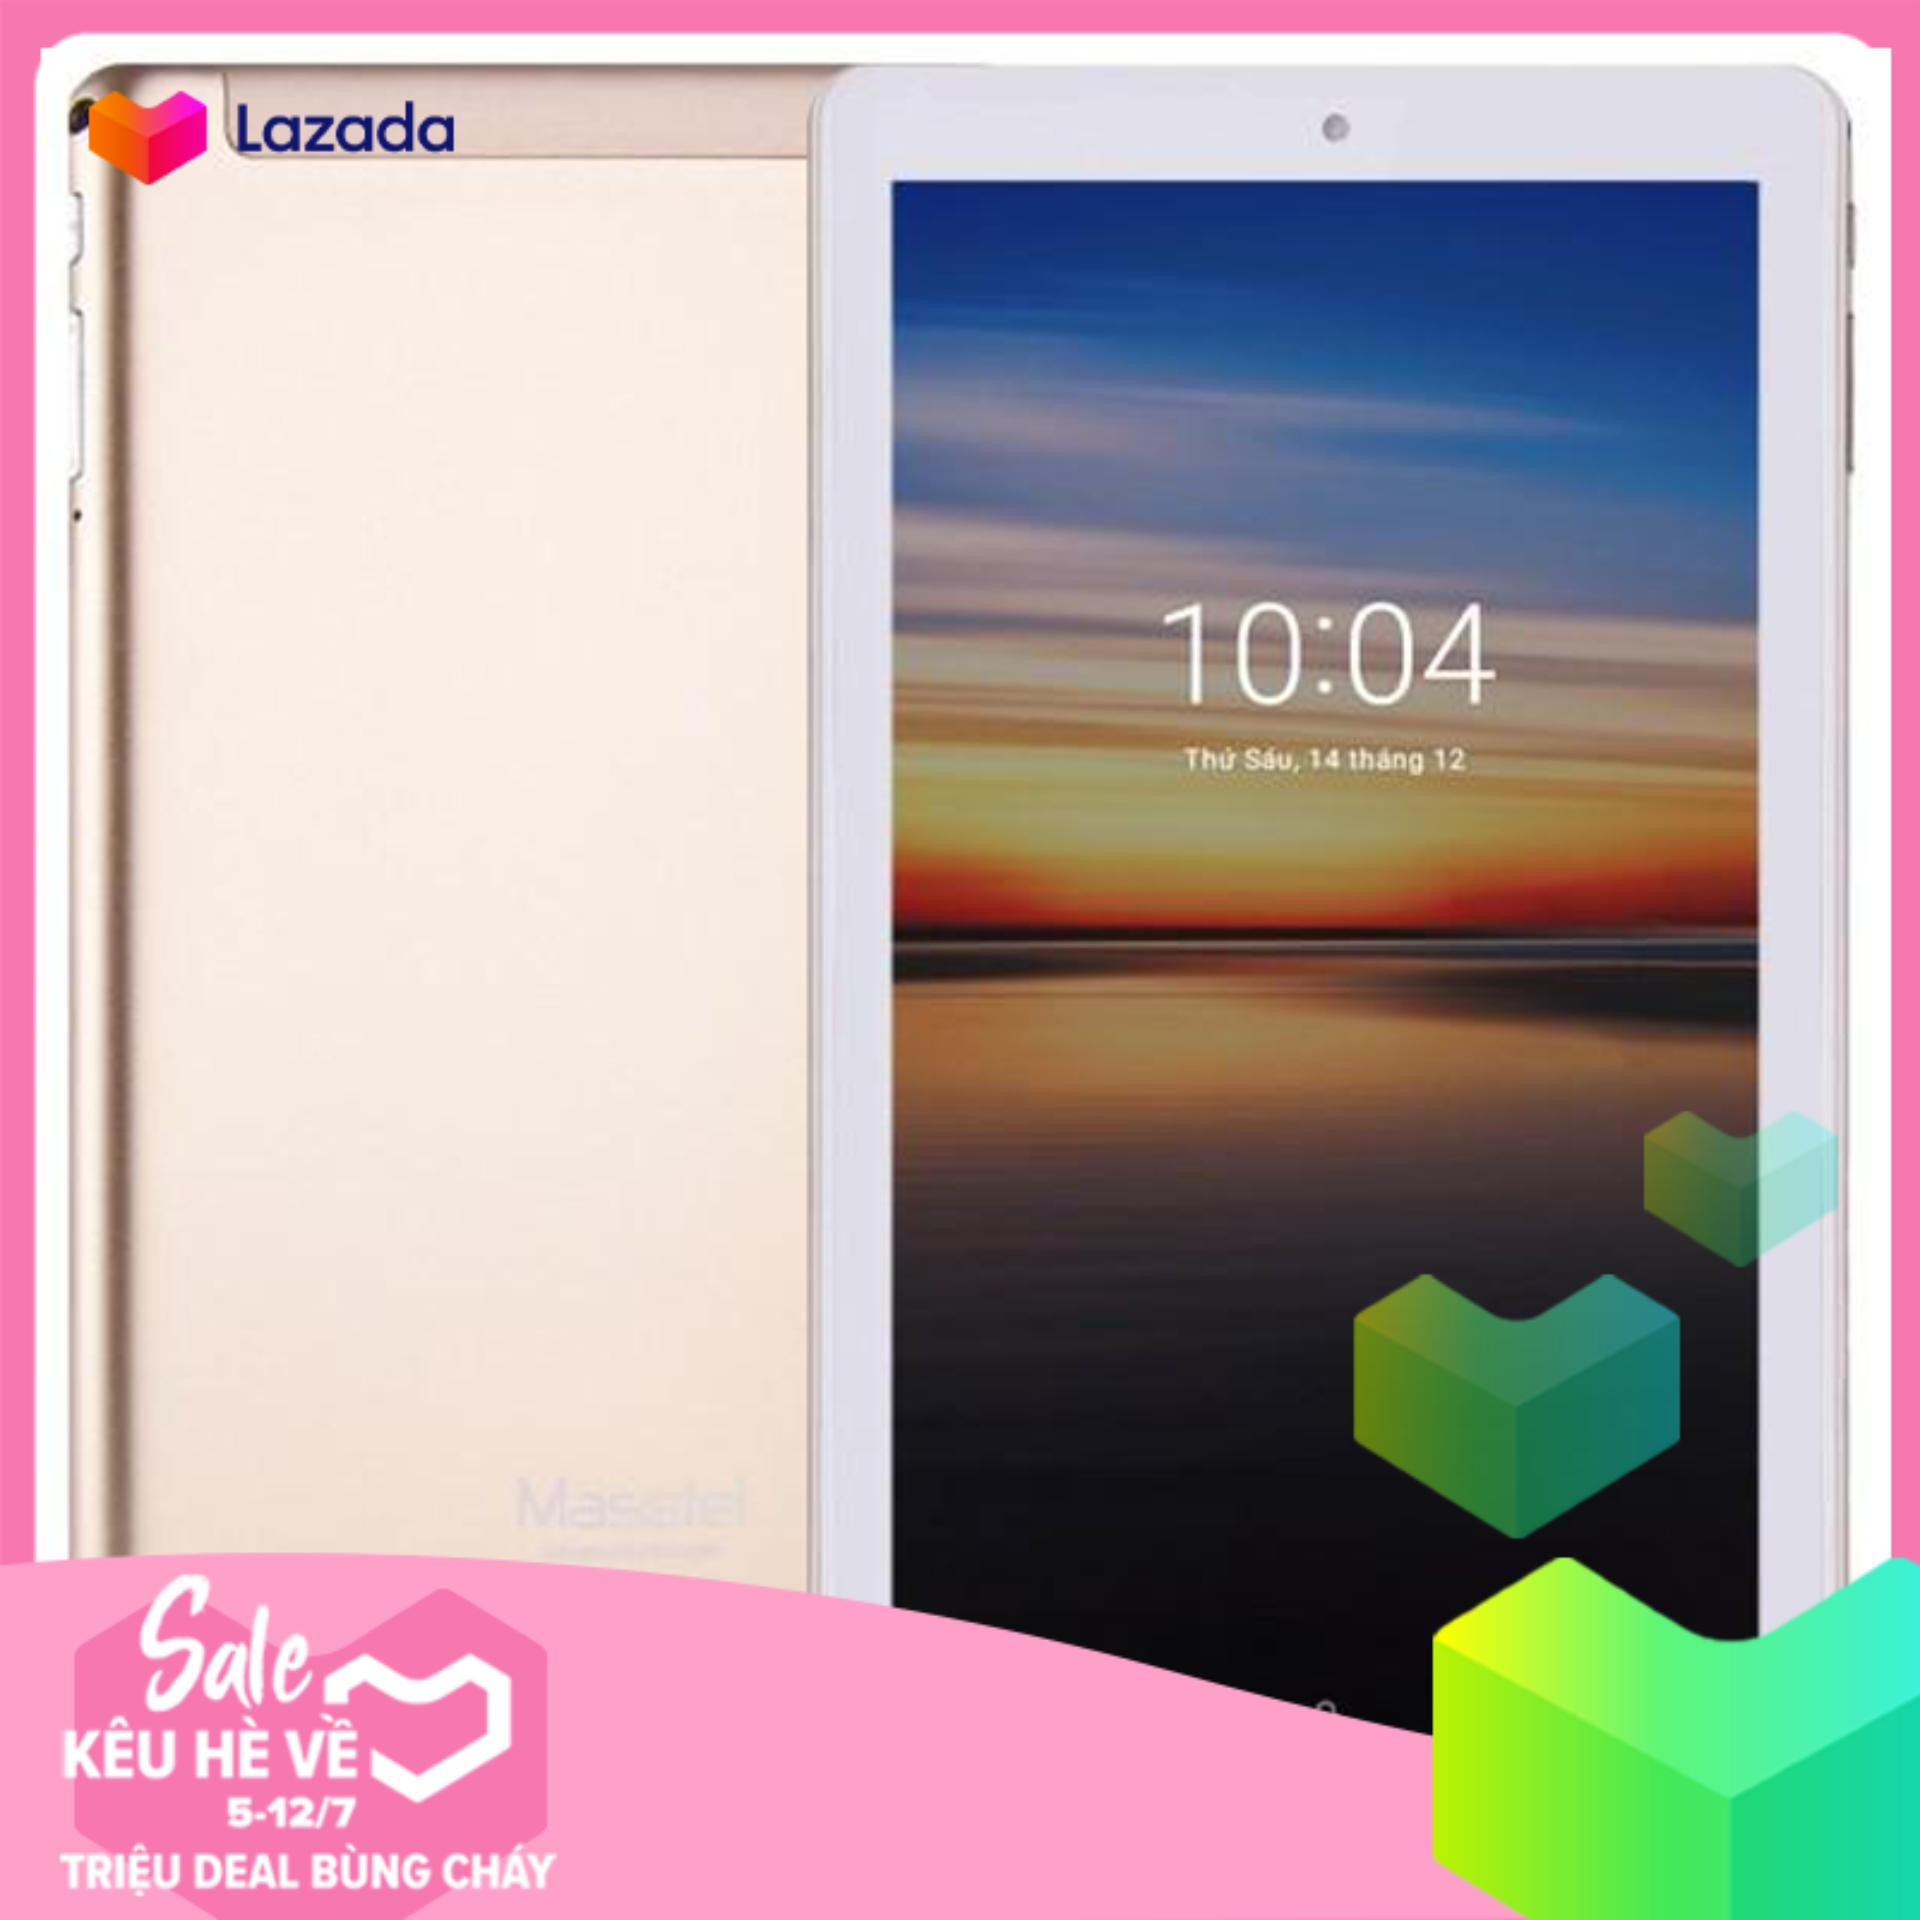 Máy Tính Bảng Masstel Tab 10 Plus - Màn Hình 10.1 Inch - Nghe gọi Được - Kết Nối WIFI + 3G + OTG - Tặng Bao Da Hãng Nhật Bản